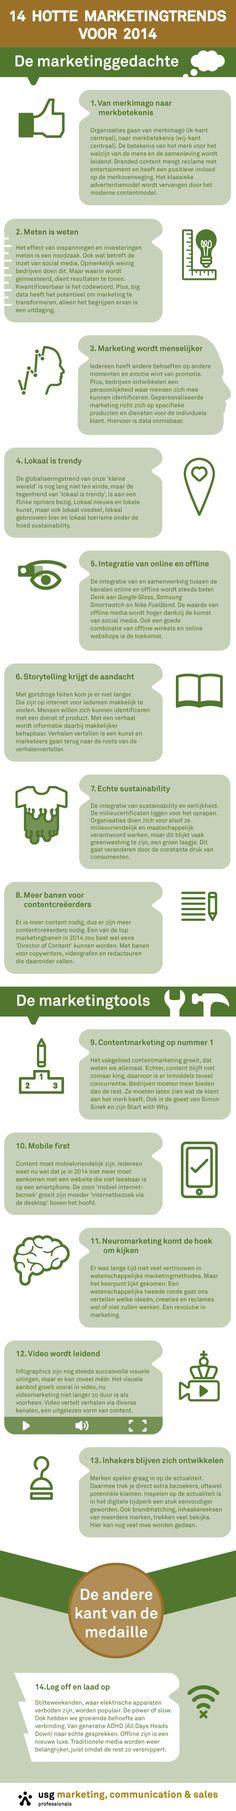 14 hotte marketingtrends voor 2014 | Marketingfacts